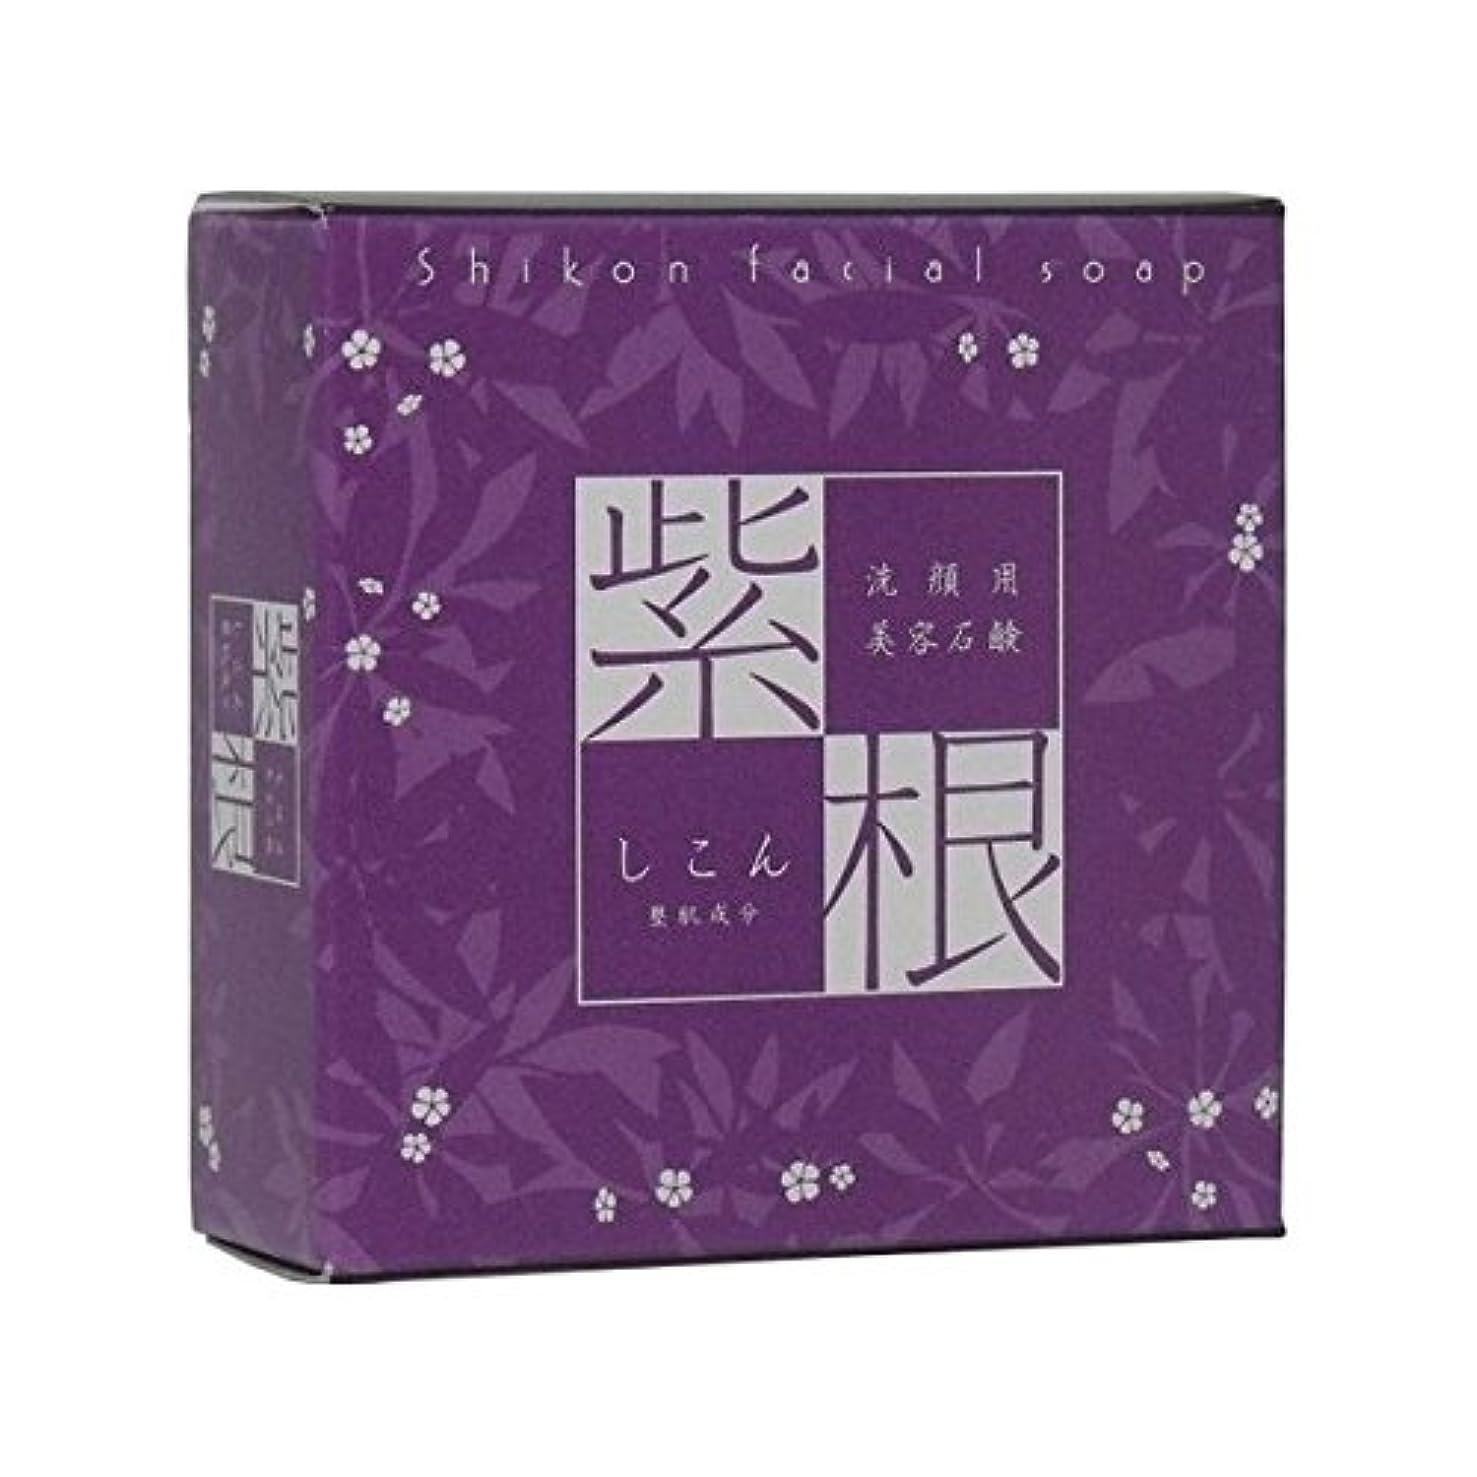 隔離暴徒矢じり紫根石鹸110g(オリジナル泡立てネット付き)3個セット【魔女たちの22時で話題!】